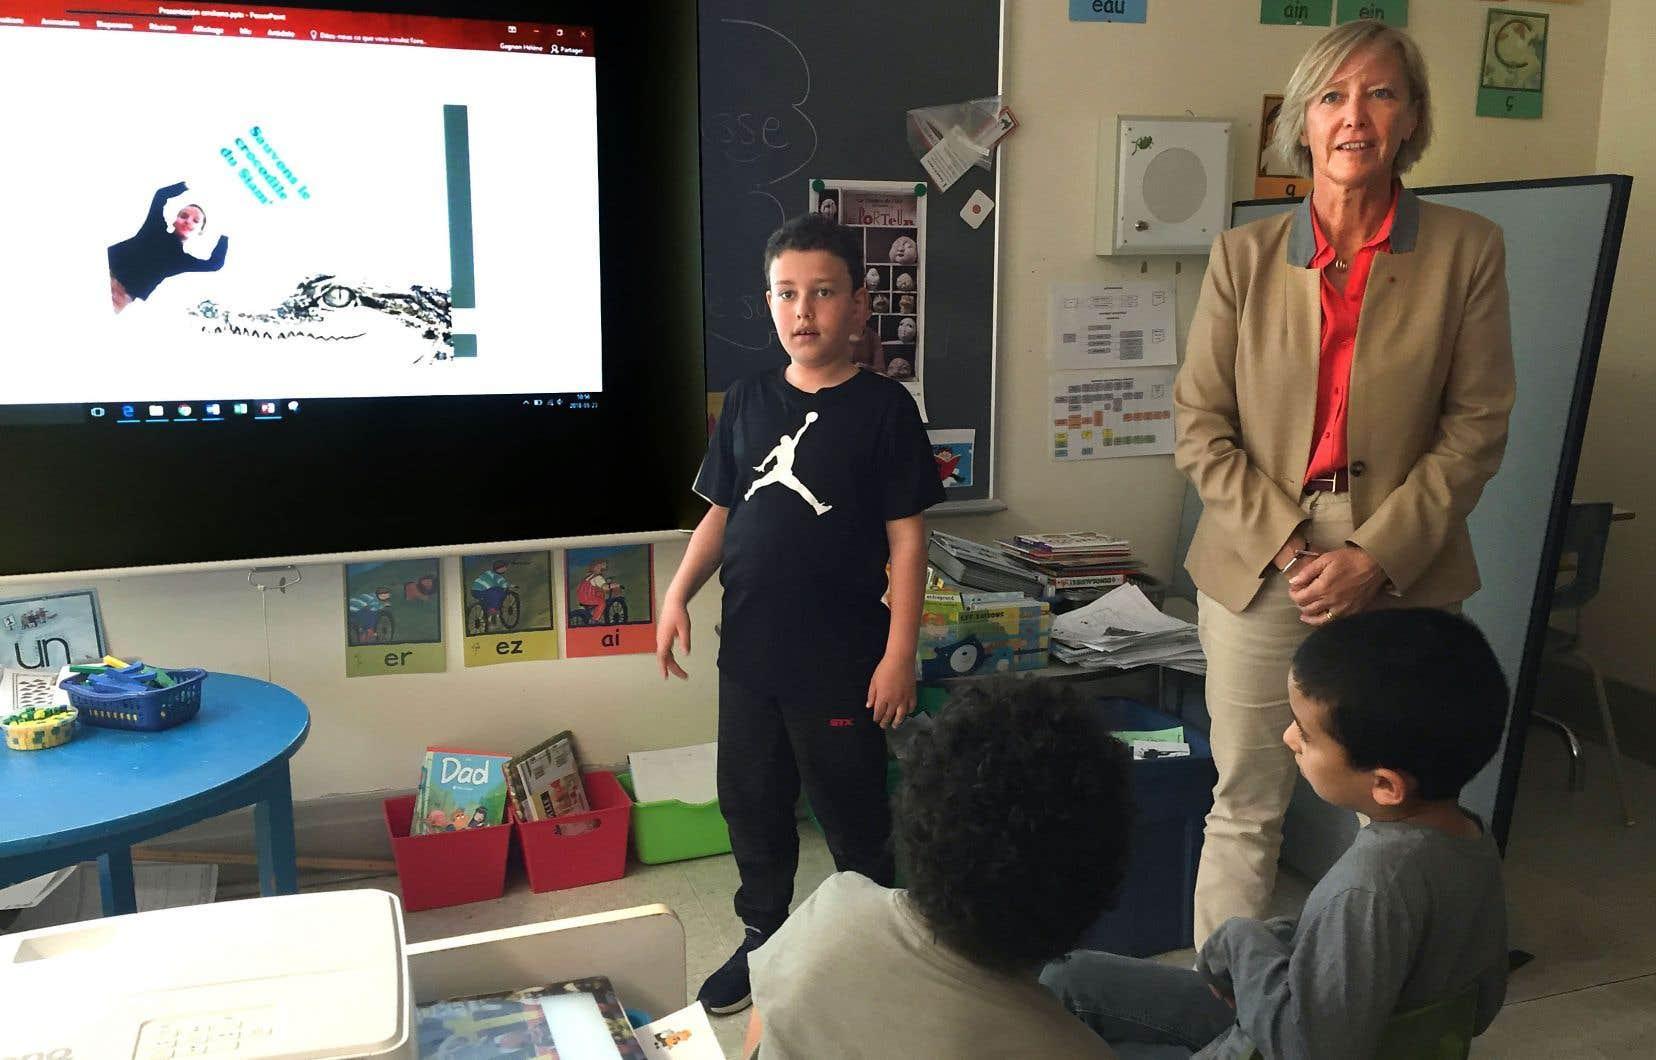 La secrétaire d'État française chargée des Personnes handicapées, Sophie Cluzel, a visité l'école Saint-Anselme, dans le quartier Centre-Sud de Montréal, mercredi.